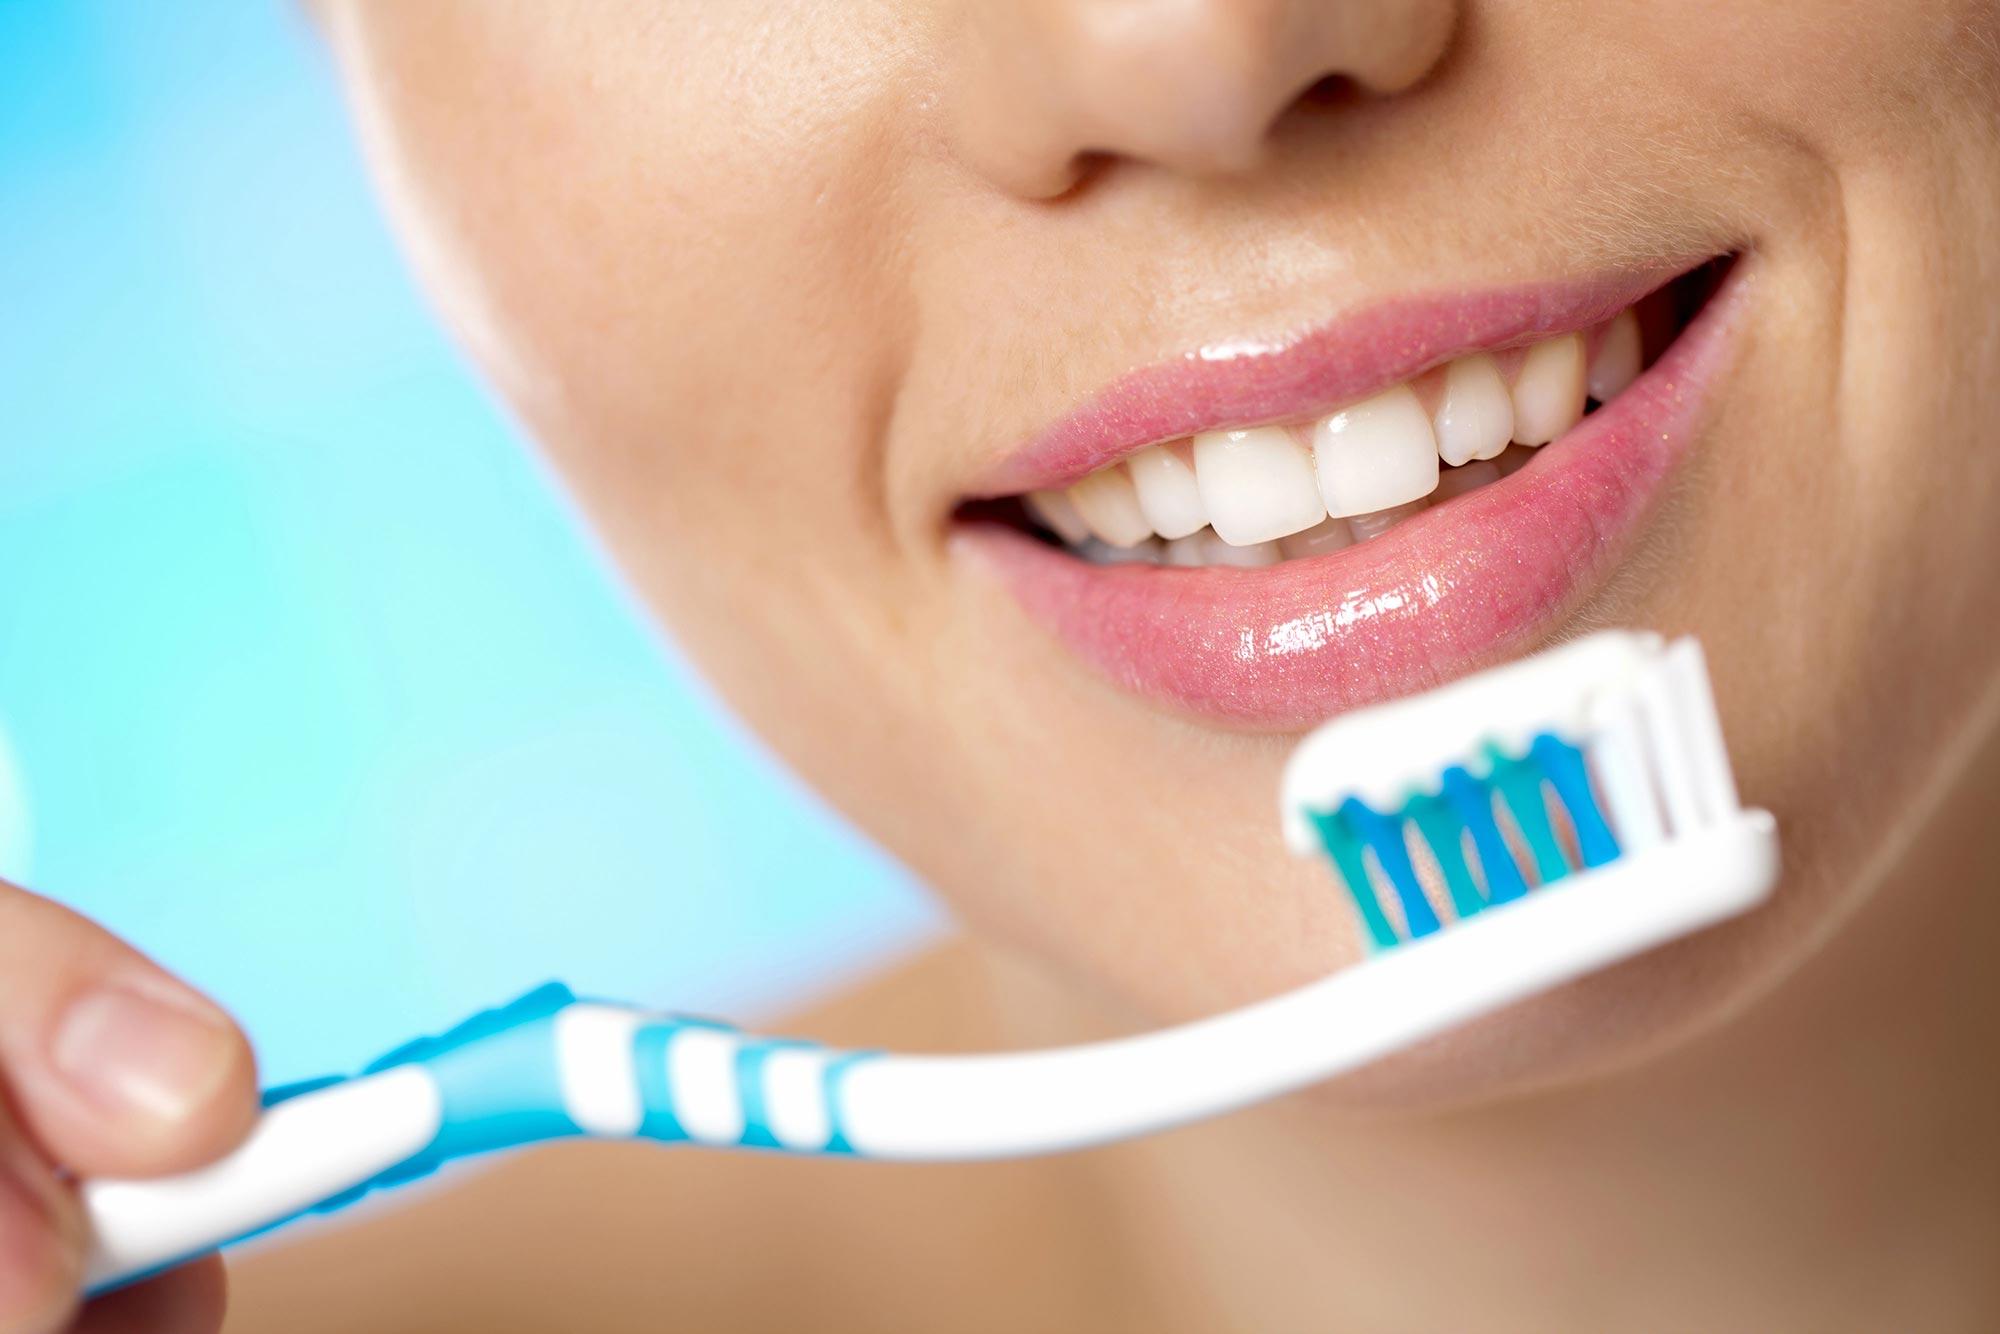 lansing-family-dentist-preventative-dental-care